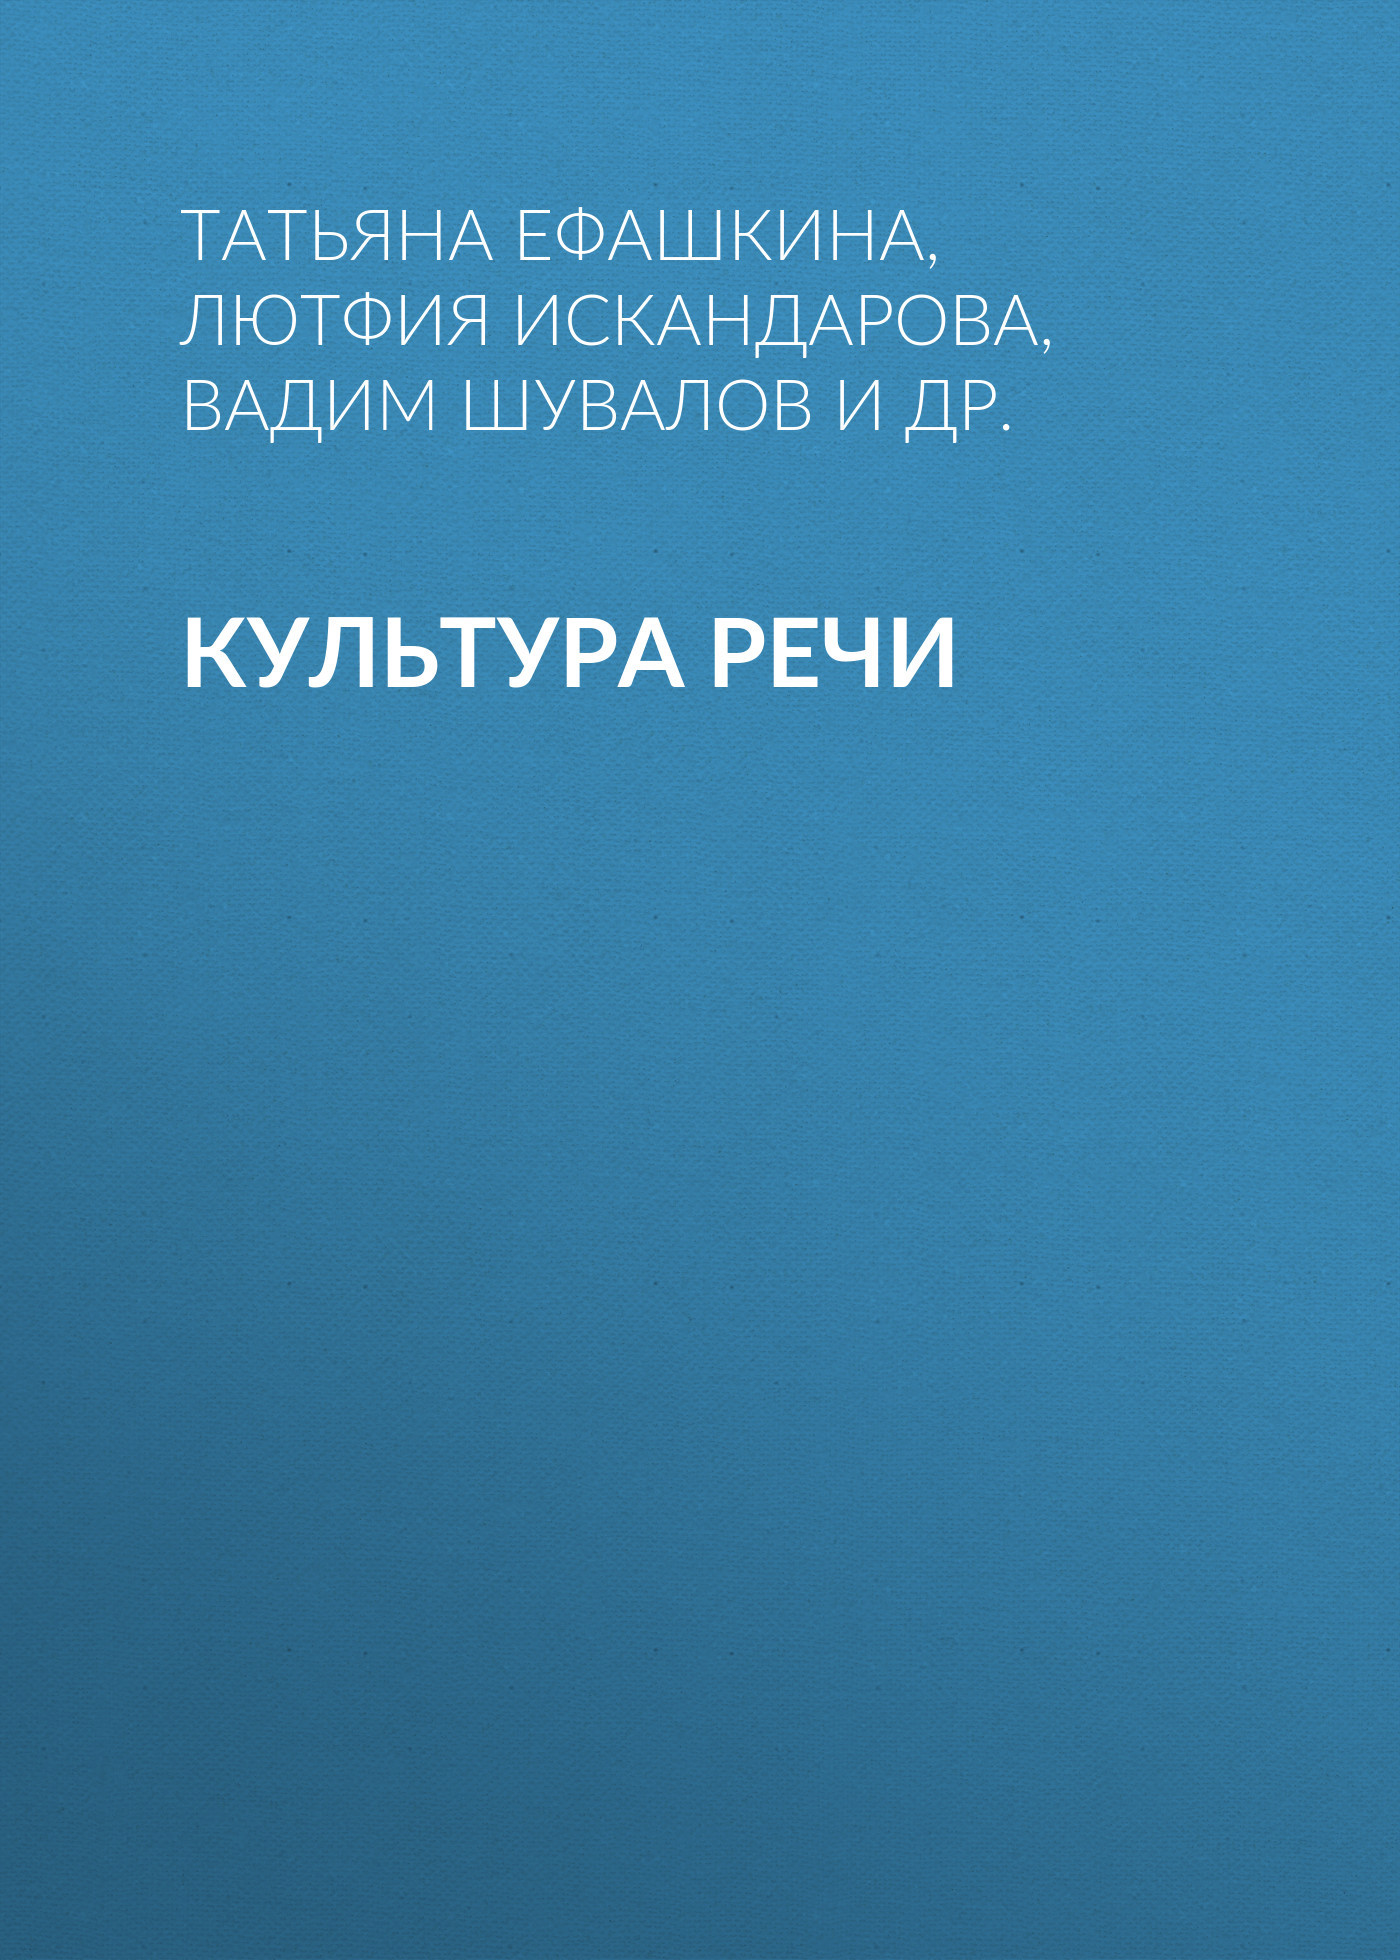 Татьяна Ефашкина Культура речи рапацкая л русская художественная культура учебное пособие